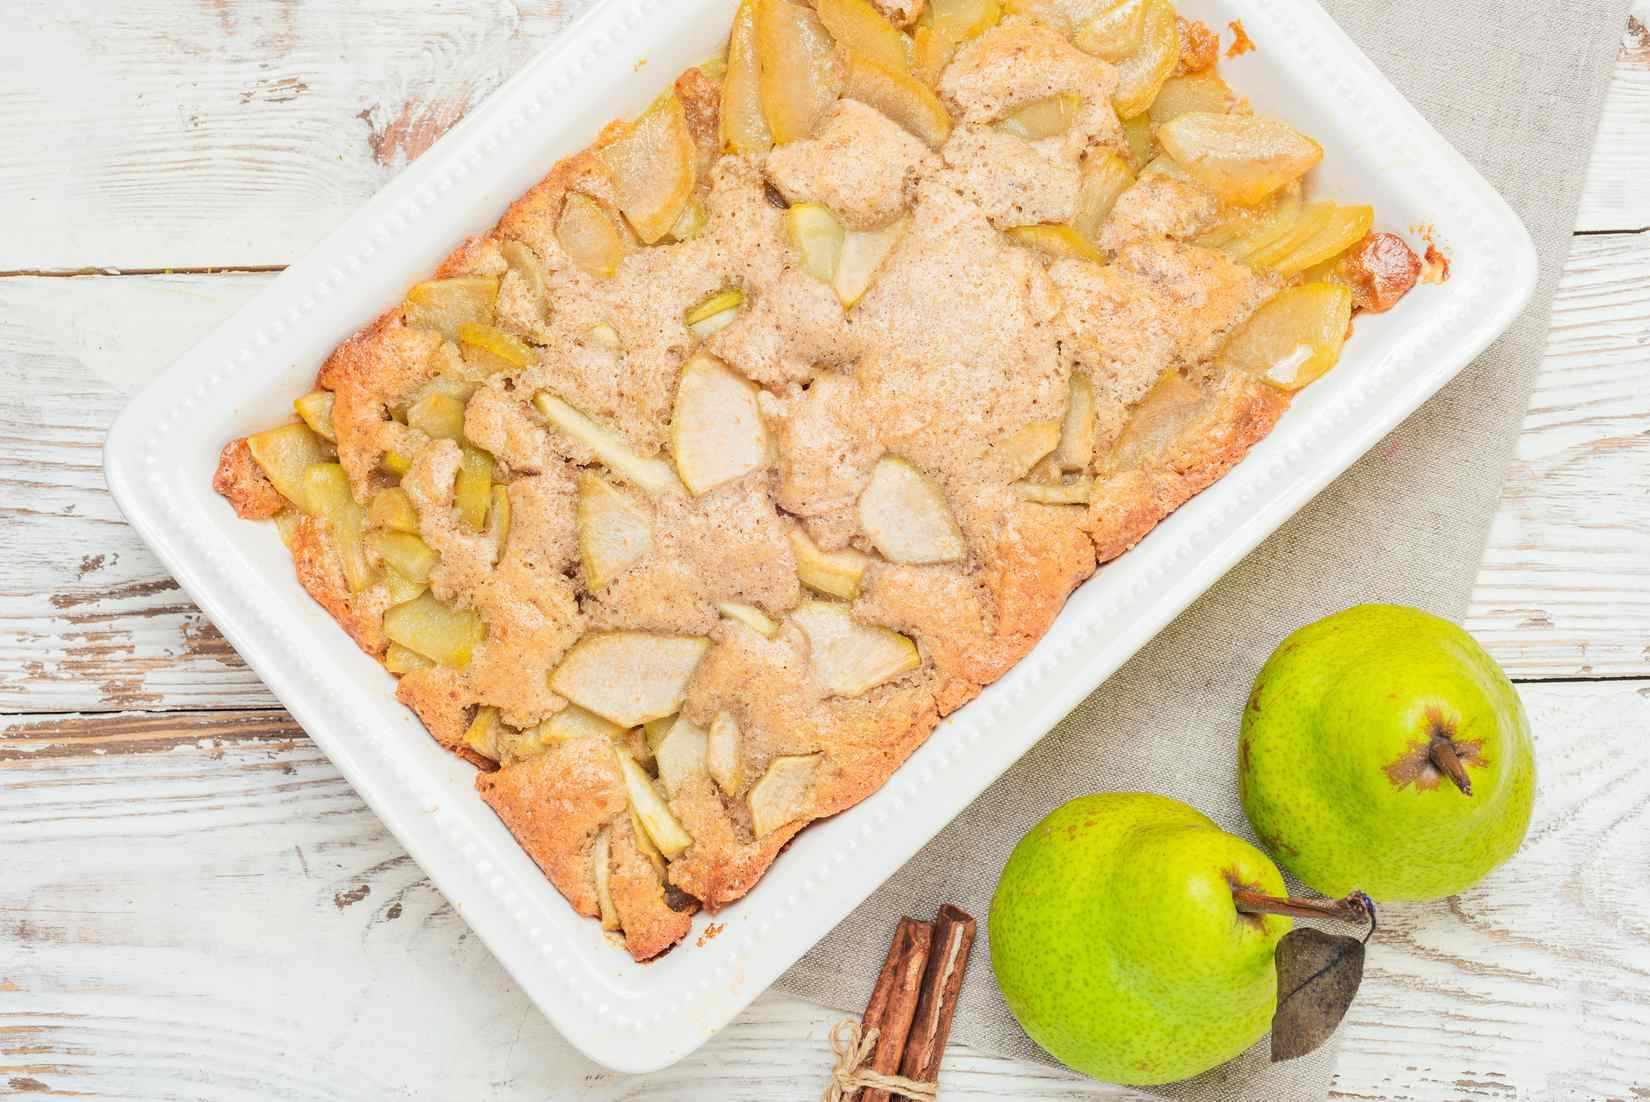 Baked pear cobbler